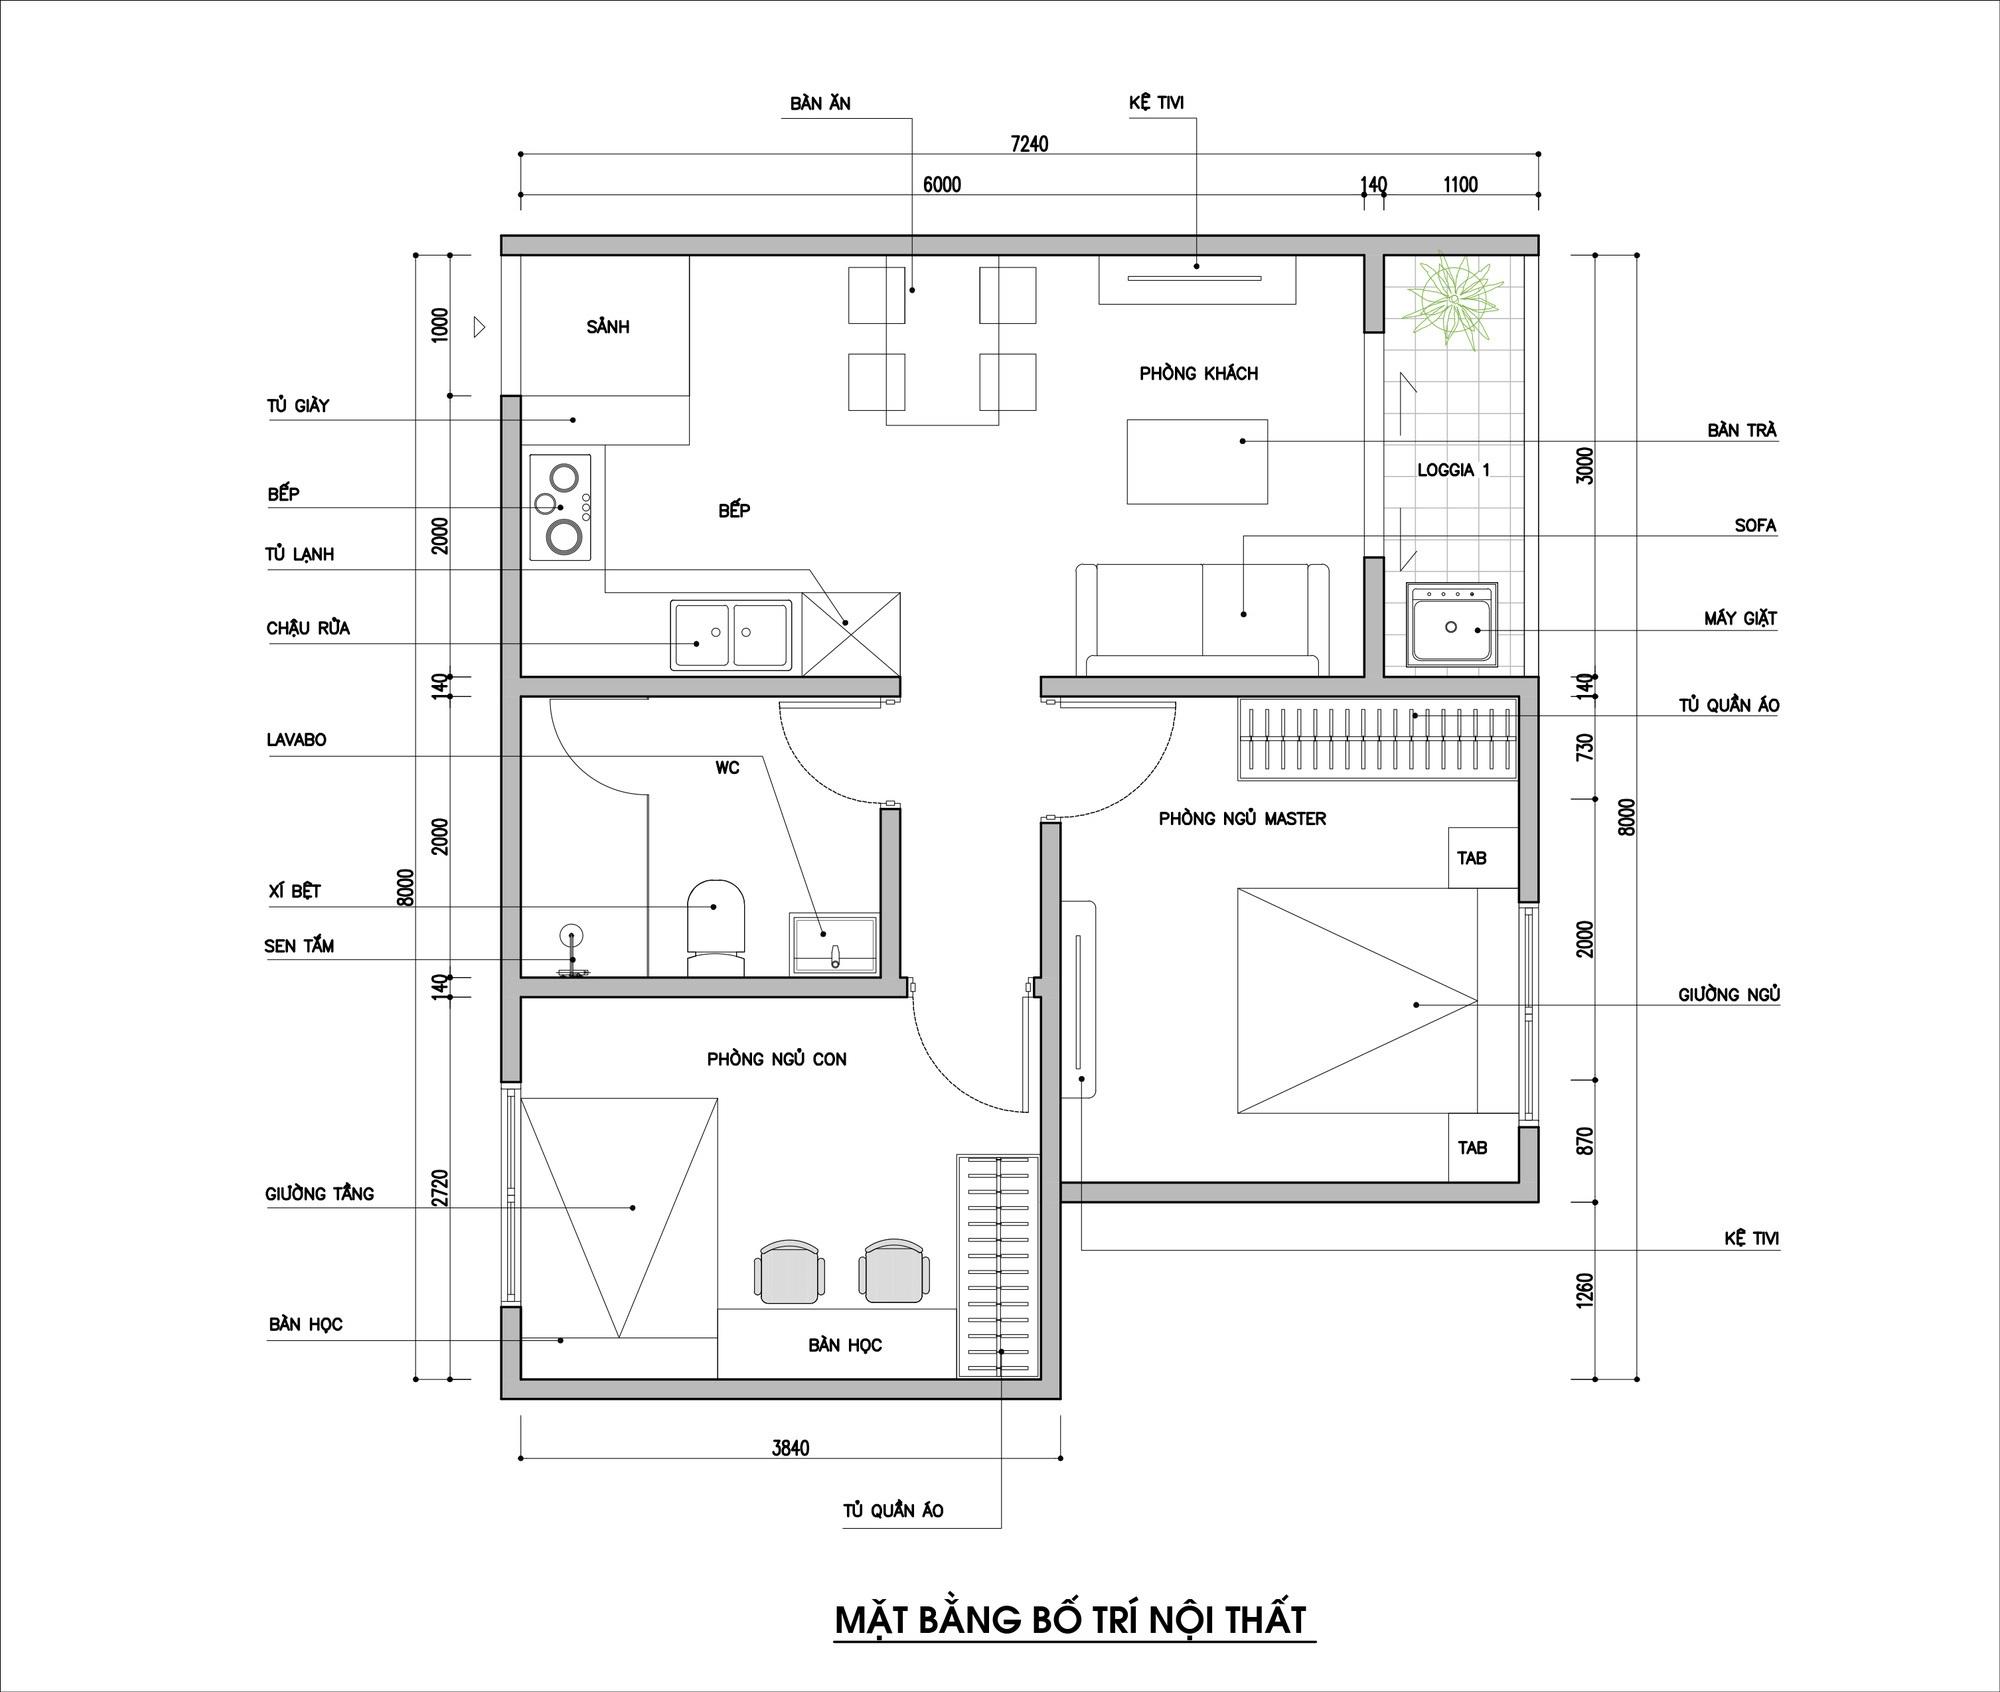 Tư vấn thiết kế căn hộ thô có diện tích 54m² với tổng chi phí 83 triệu đồng - Ảnh 1